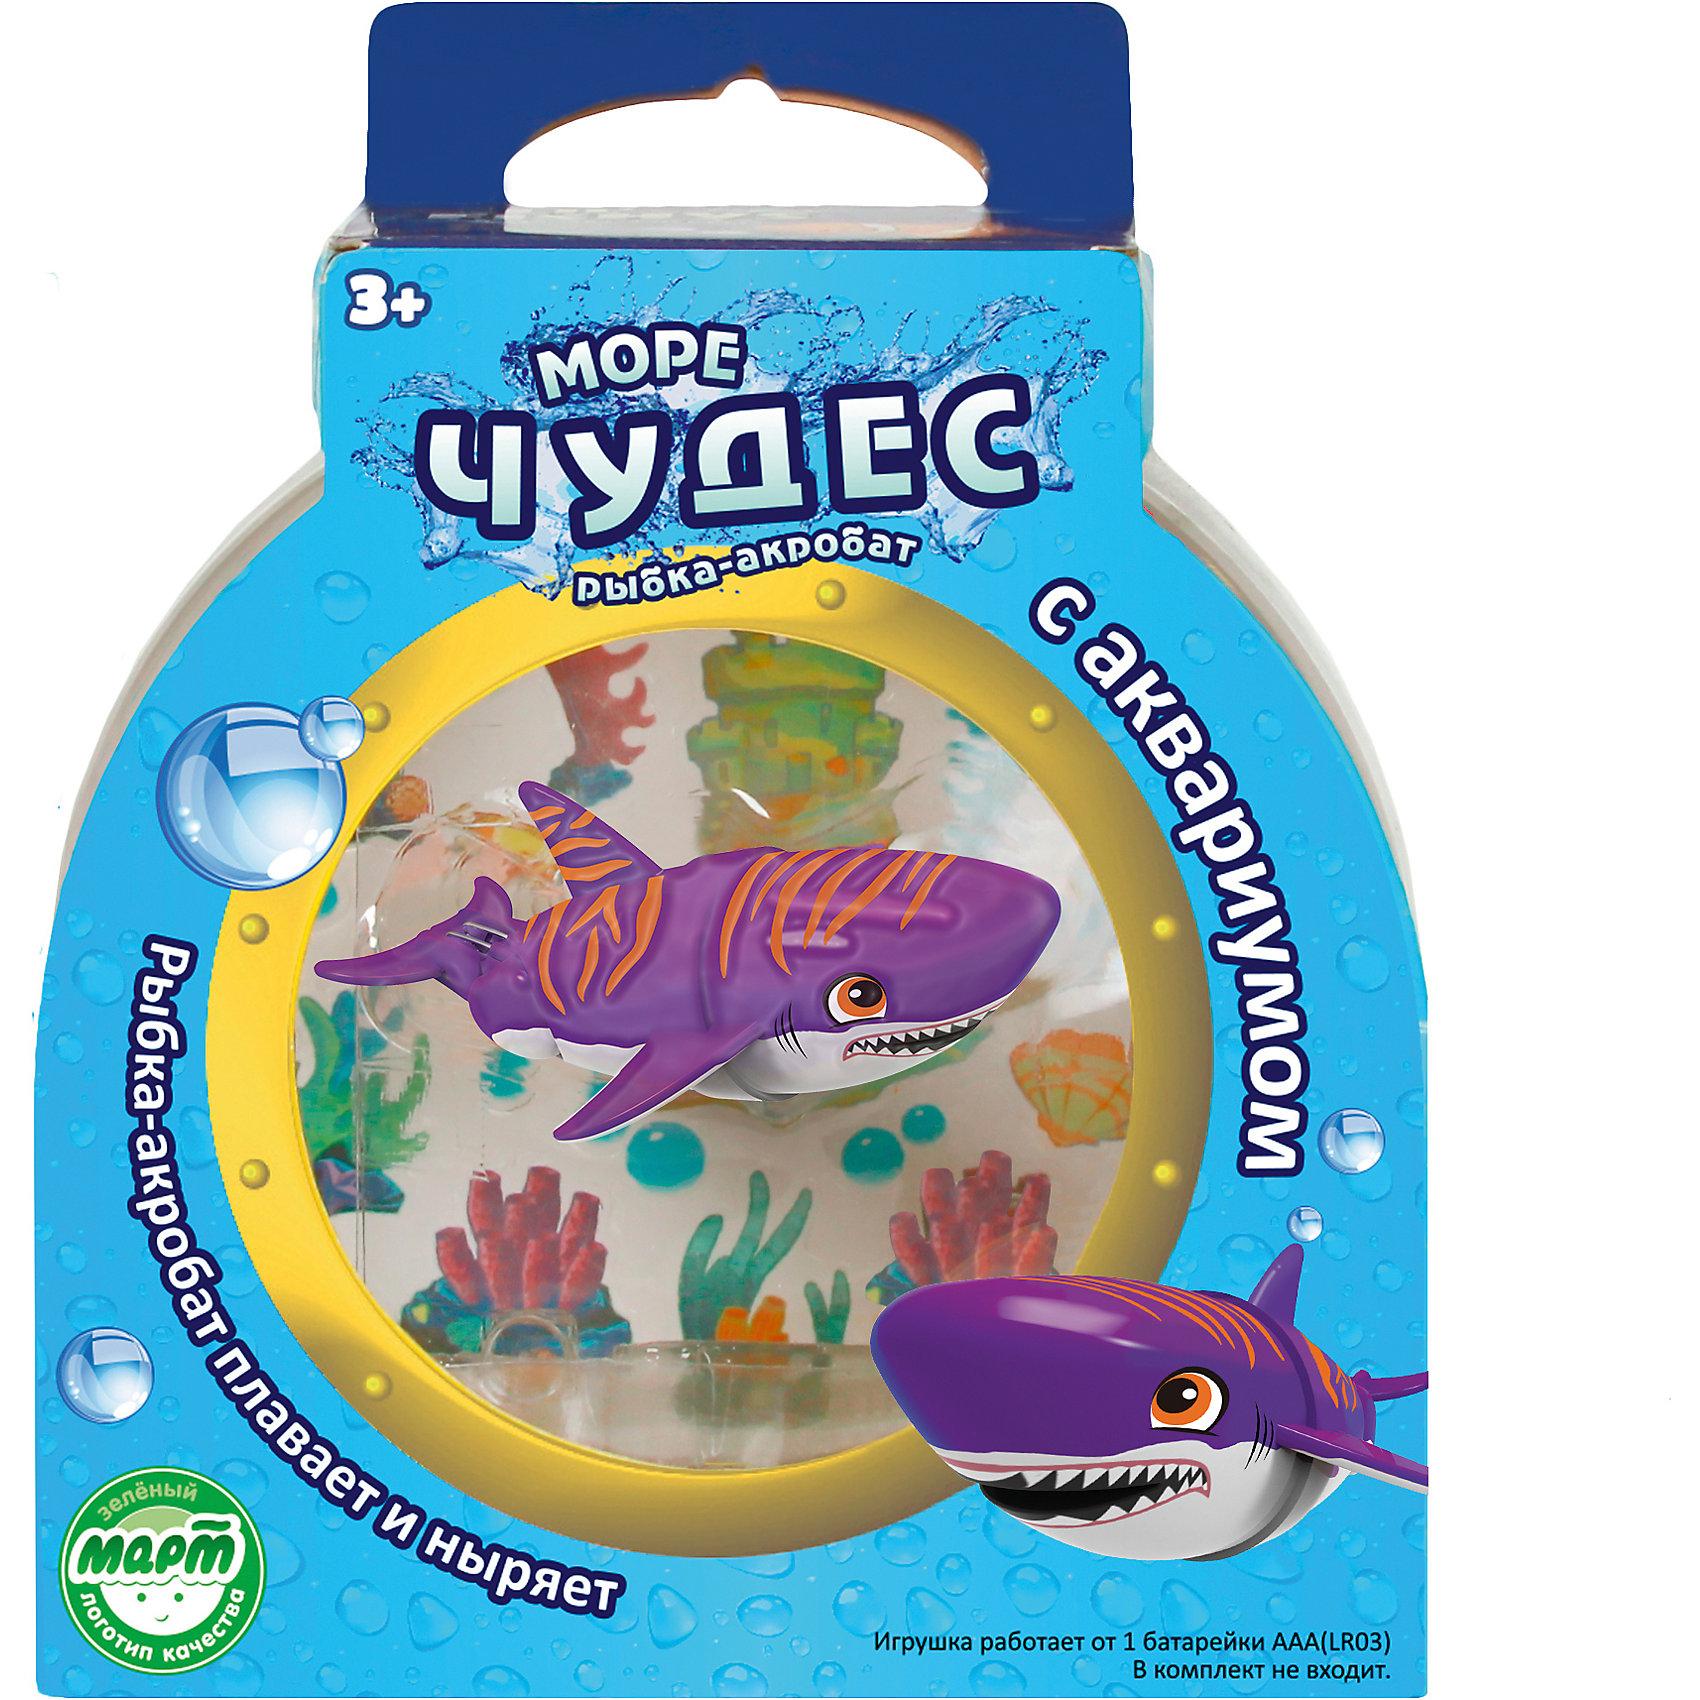 Акула-акробат Тайгер с аквариумом, Море чудесВаш ребенок мечтает о рыбке? С этим замечательным набором мечта станет реальностью! Озорная акула-акробат Тайгер так похожа на настоящего морского обитателя! Она плавает за счёт микро-моторчика в хвосте, траектория движений зависит от наклона хвоста. Тайгер виртуозно умеет нырять на глубину и быстро подниматься на поверхность. Очаровательная акула подарит детям множество положительных эмоция и улыбок! <br><br>Дополнительная информация:<br><br>- Размер акулы: 9 см.<br>- Размер аквариума: 16х16х10 см. <br>- Материал: пластик.<br>- Элемент питания: 1 батарейка ААА (в комплект не входит).<br><br>Акулу – акробата Тайгера с аквариумом, Море чудес, можно купить в нашем магазине.<br><br>Ширина мм: 160<br>Глубина мм: 110<br>Высота мм: 200<br>Вес г: 250<br>Возраст от месяцев: 36<br>Возраст до месяцев: 72<br>Пол: Унисекс<br>Возраст: Детский<br>SKU: 4252053